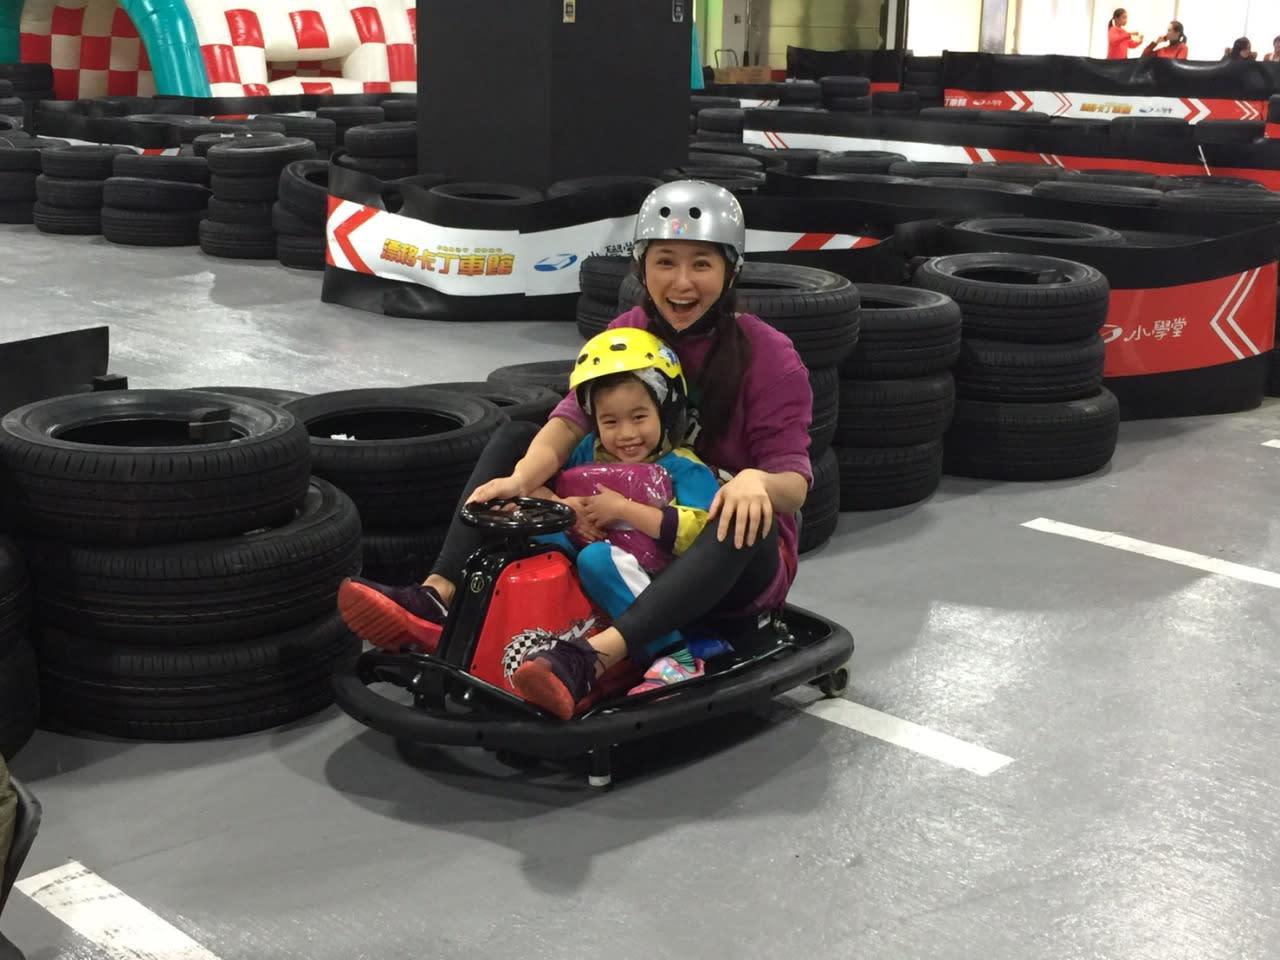 【親子時尚】葉家妤當媽後變了一個人 透過遊戲帶領孩子進入運動世界